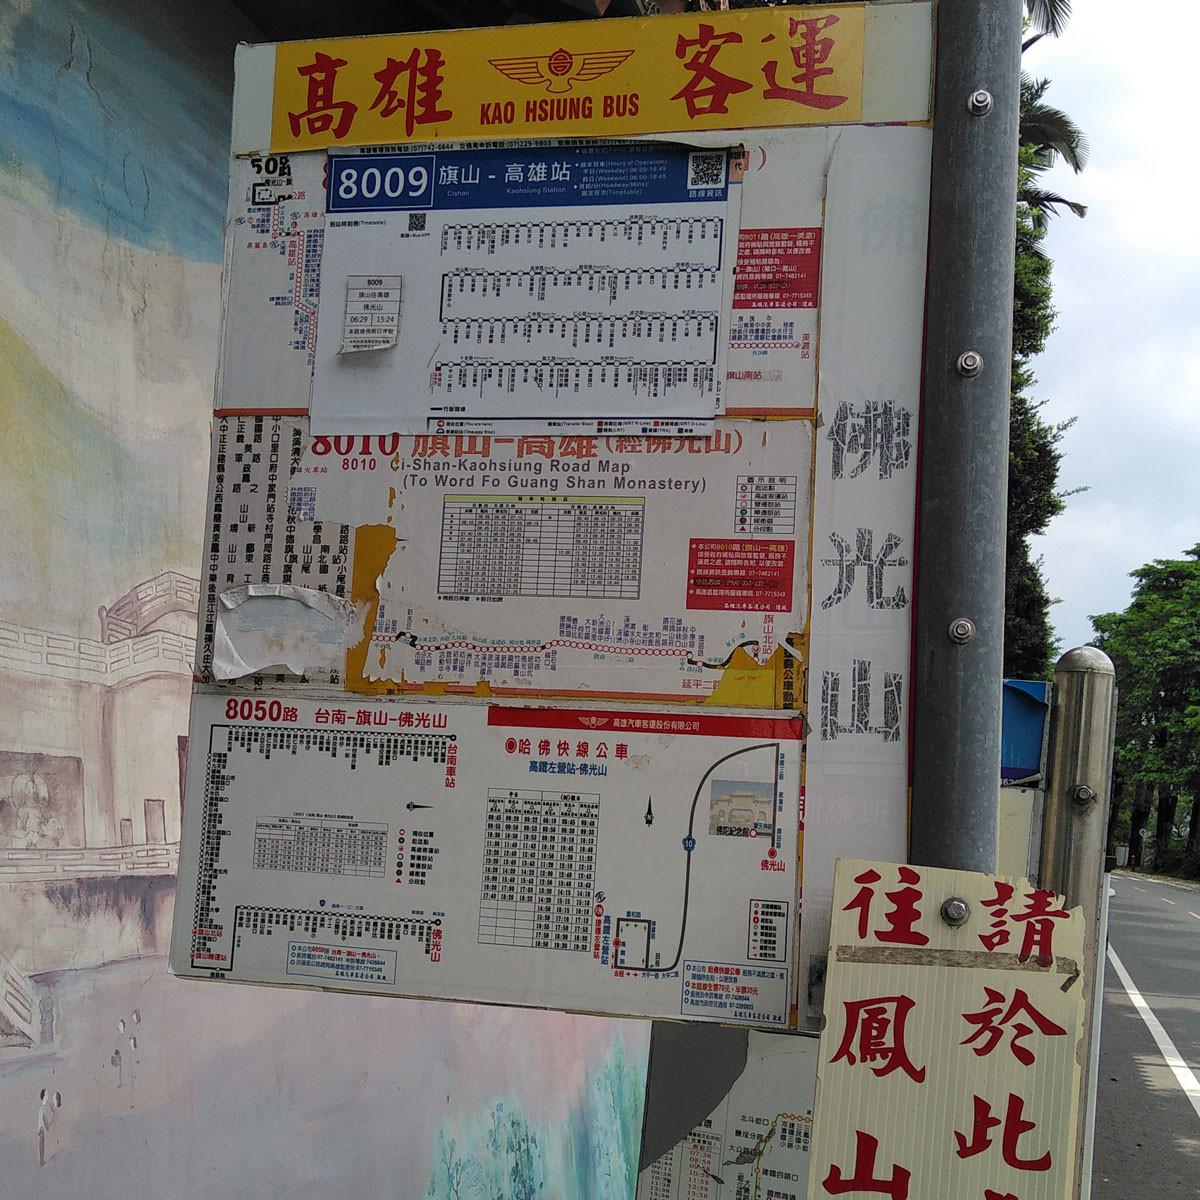 バス停・仏光山(旗山→高雄)